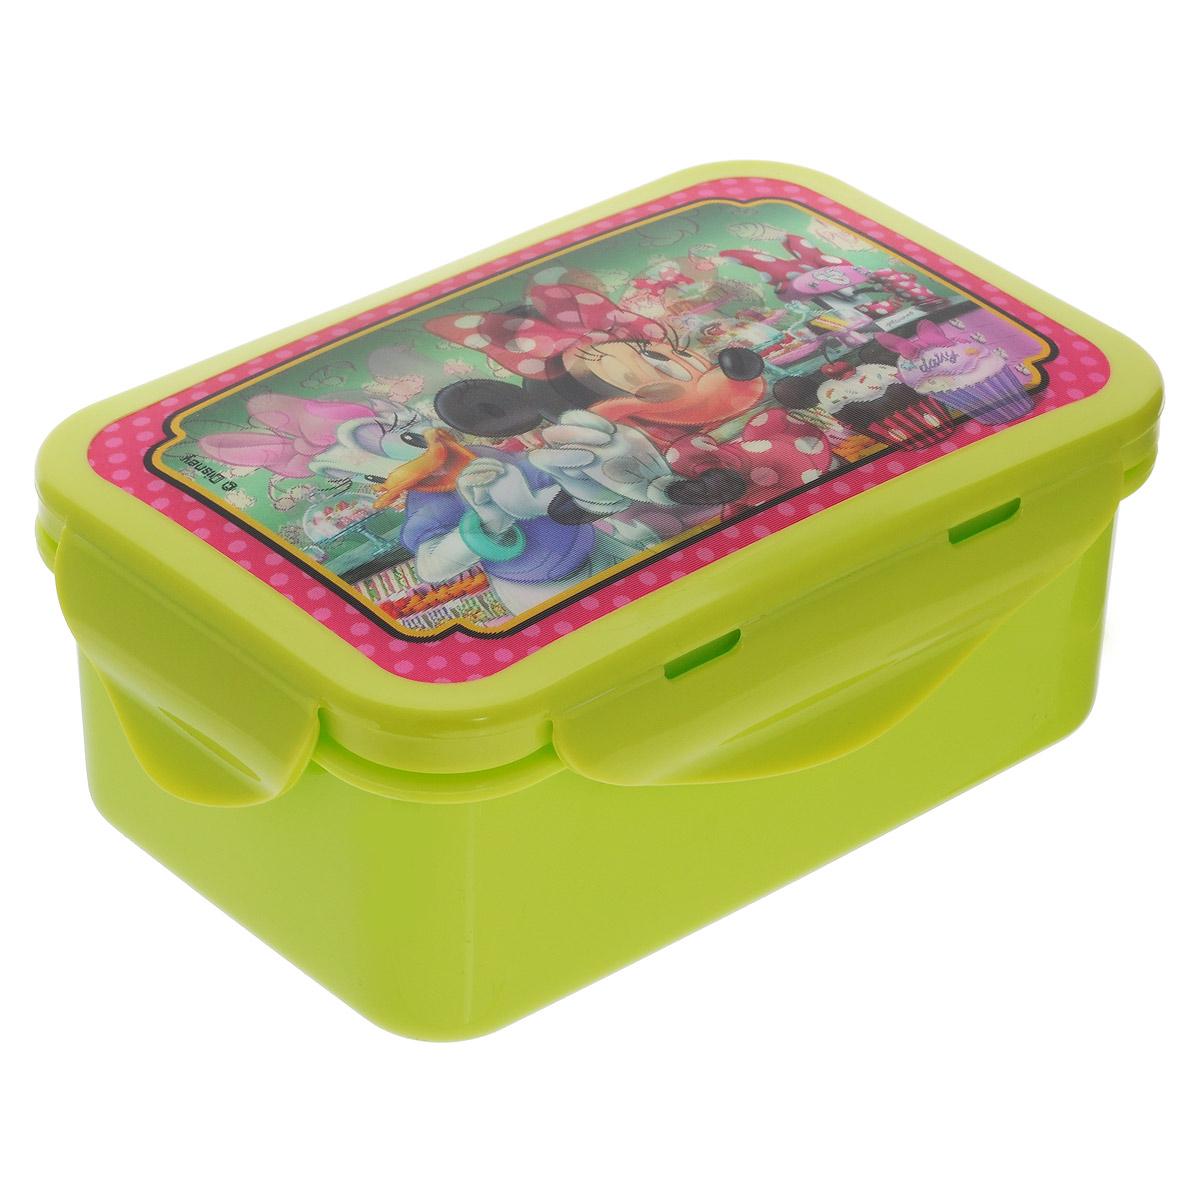 Бутербродница Disney Минни и Дейзи, цвет: салатовый, 15 см х 10 см х 6 см722M1VБутербродница Disney Минни и Дейзи выполнена из высококачественного пищевого пластика, что очень удобно и безопасно для детей, так как пластик не бьется. Крышка оформлена объемным изображением Минни и Дейзи, которое меняется под разным углом зрения. Крышка плотно закрывается на 4 защелки, а благодаря силиконовой прослойке дольше сохраняет пищу свежей и вкусной. Контейнер имеет прямоугольную форму, идеально подходит для бутербродов, салатов и закусок. Такая бутербродница позволит перекусить любимым домашним бутербродом где угодно: в школе, в походе, поездке, на пикнике. Не занимает много места и легко помещается в любую сумку. Нельзя использовать в СВЧ и мыть в посудомоечной машине. Изготовлено по лицензии Walt Disney.